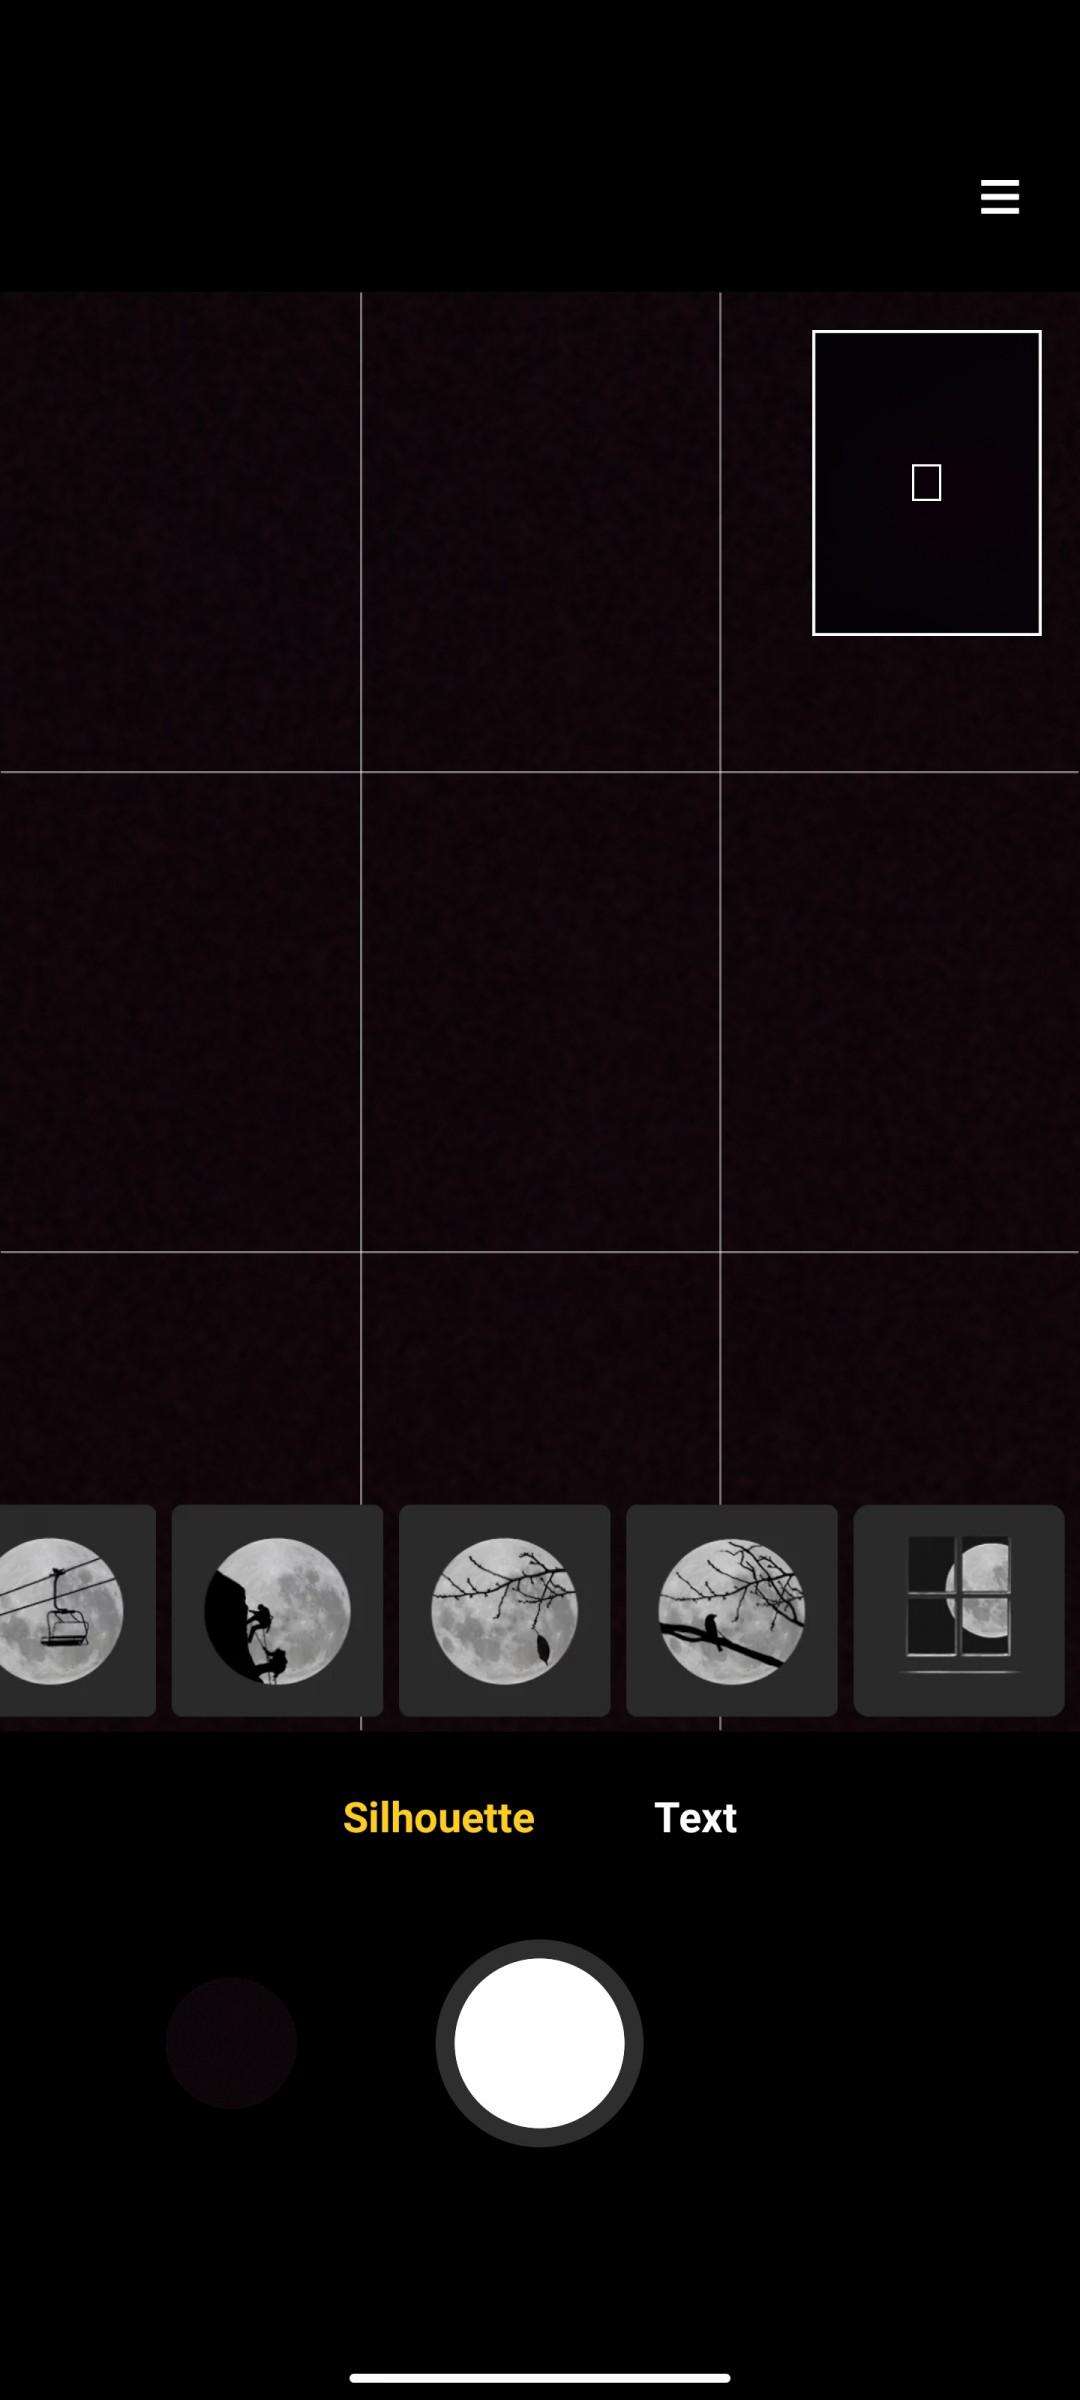 بررسی کامل و تخصصی گوشی می 11 اولترا شیائومی 103